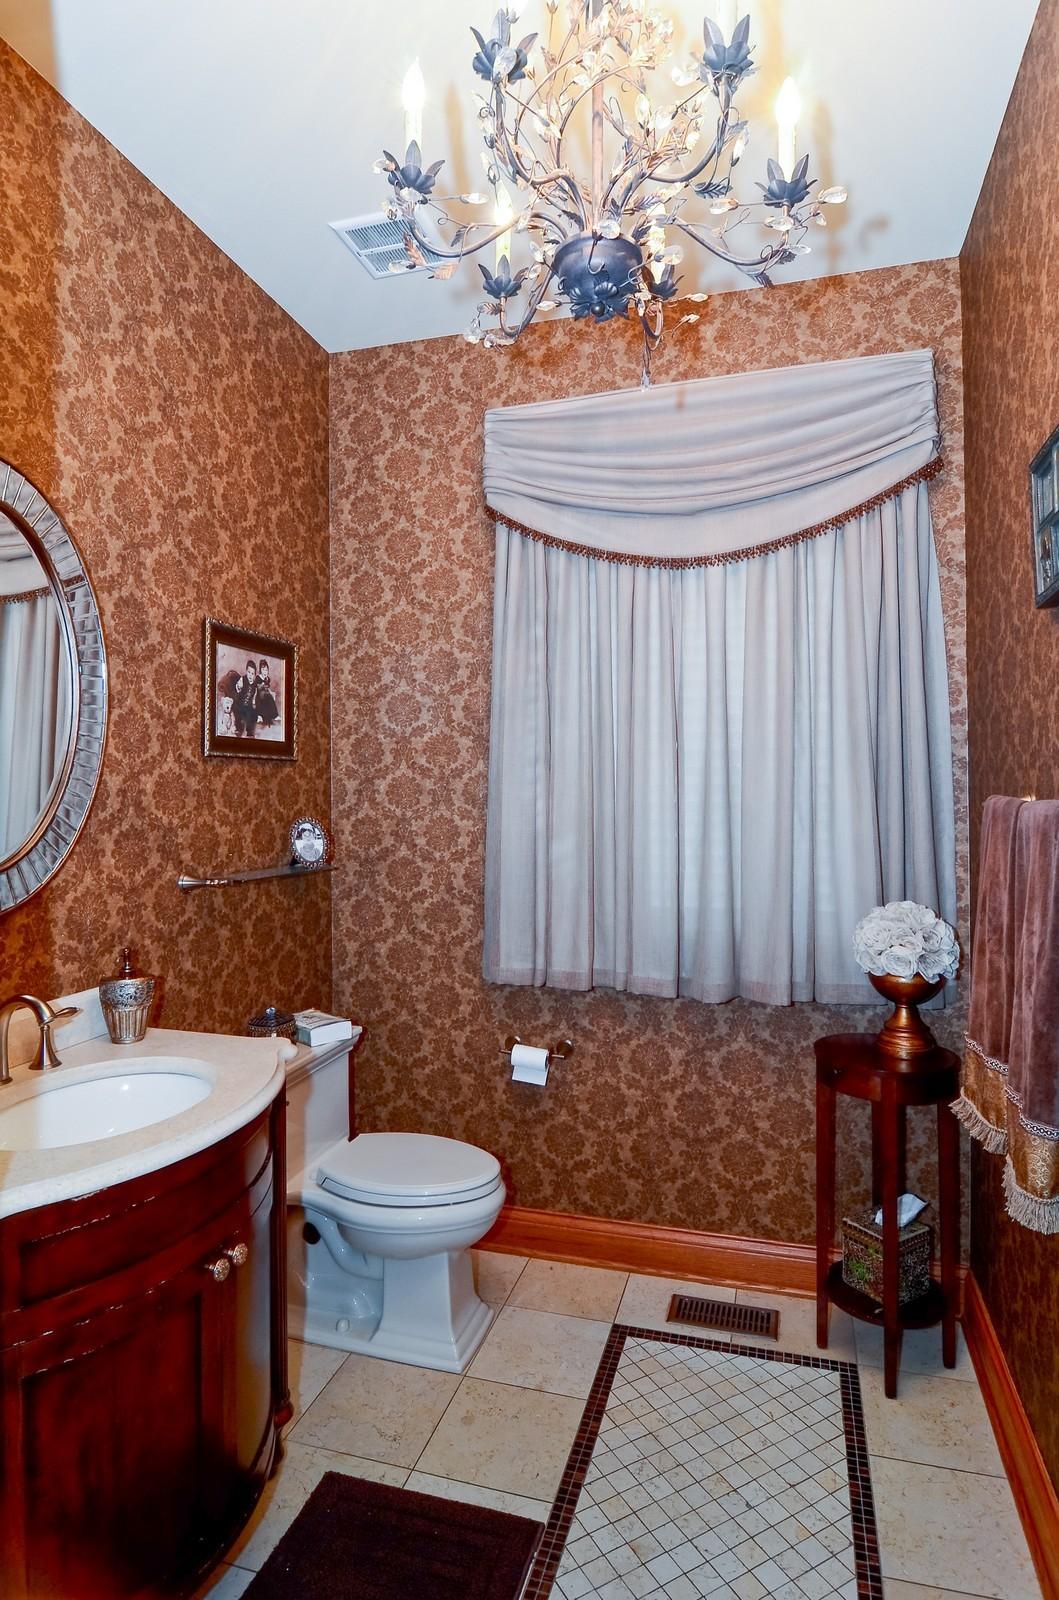 Real Estate Photography - 1443 S. Emerald, Chicago, IL, 60607 - Half Bath